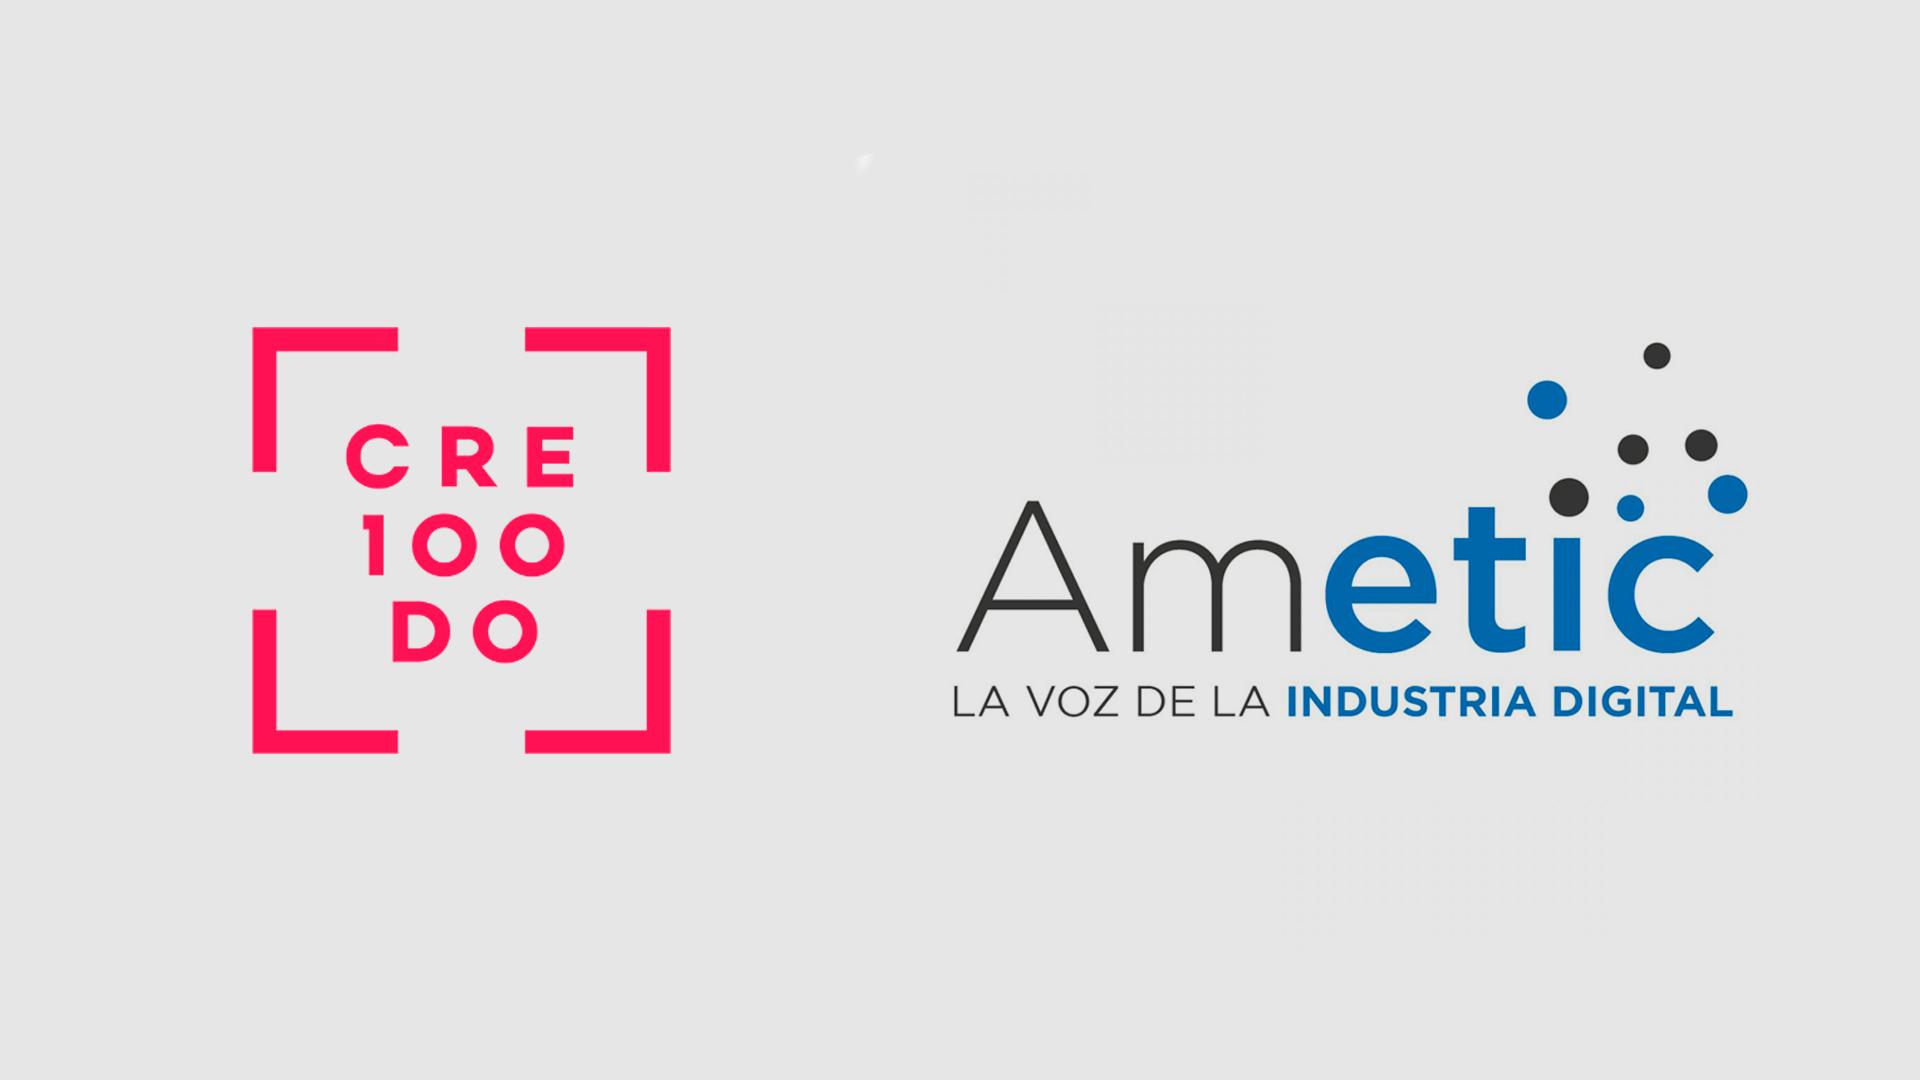 AMETIC y CRE100DO se alían para promover la digitalización y el crecimiento de las empresas del middle market español